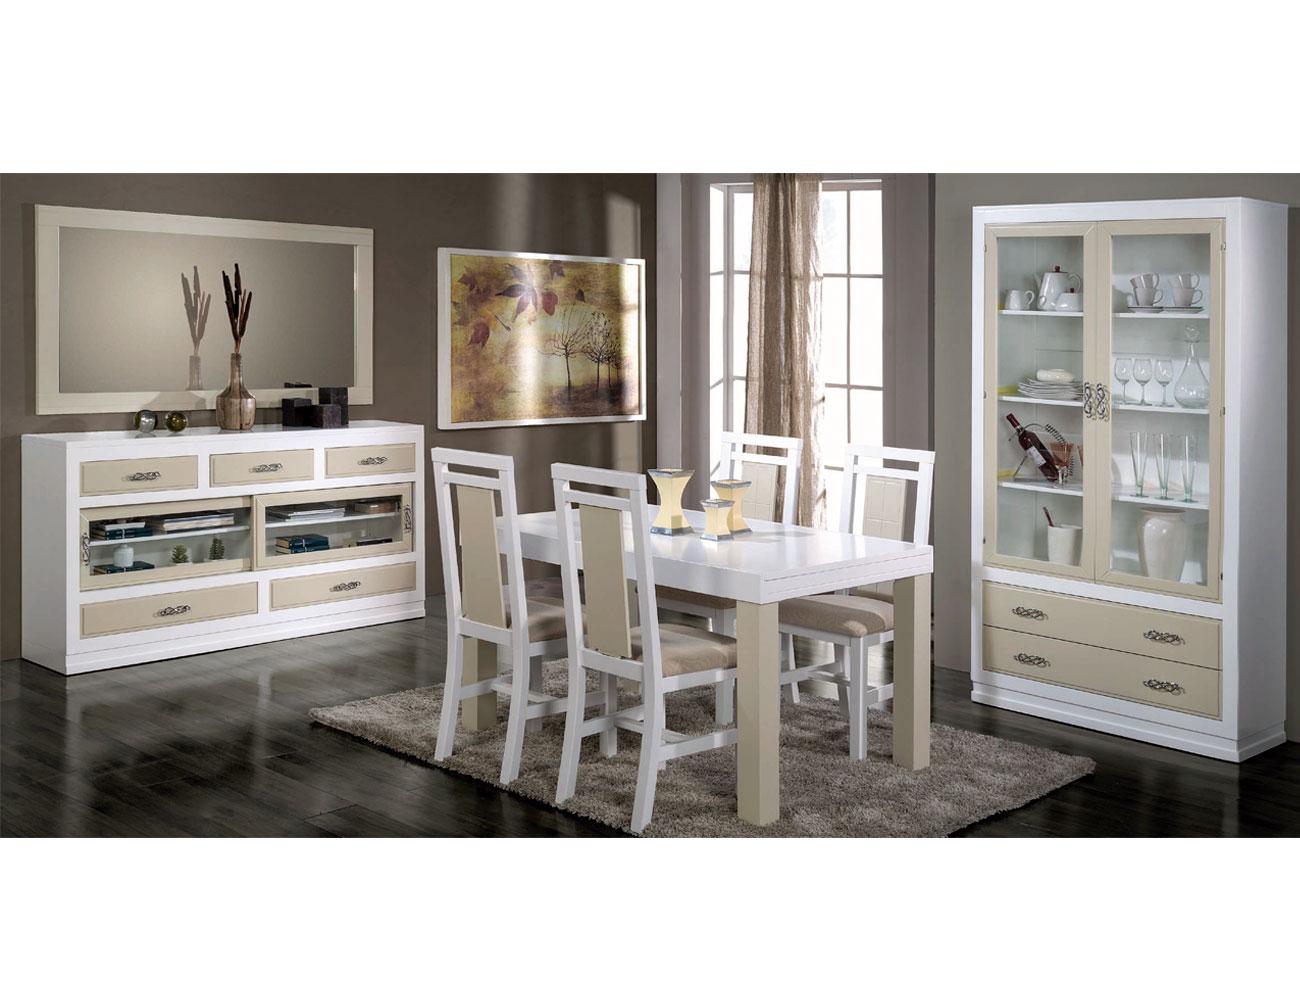 Composicion56 mueble salon comedor aparador vitrina mesa silla1